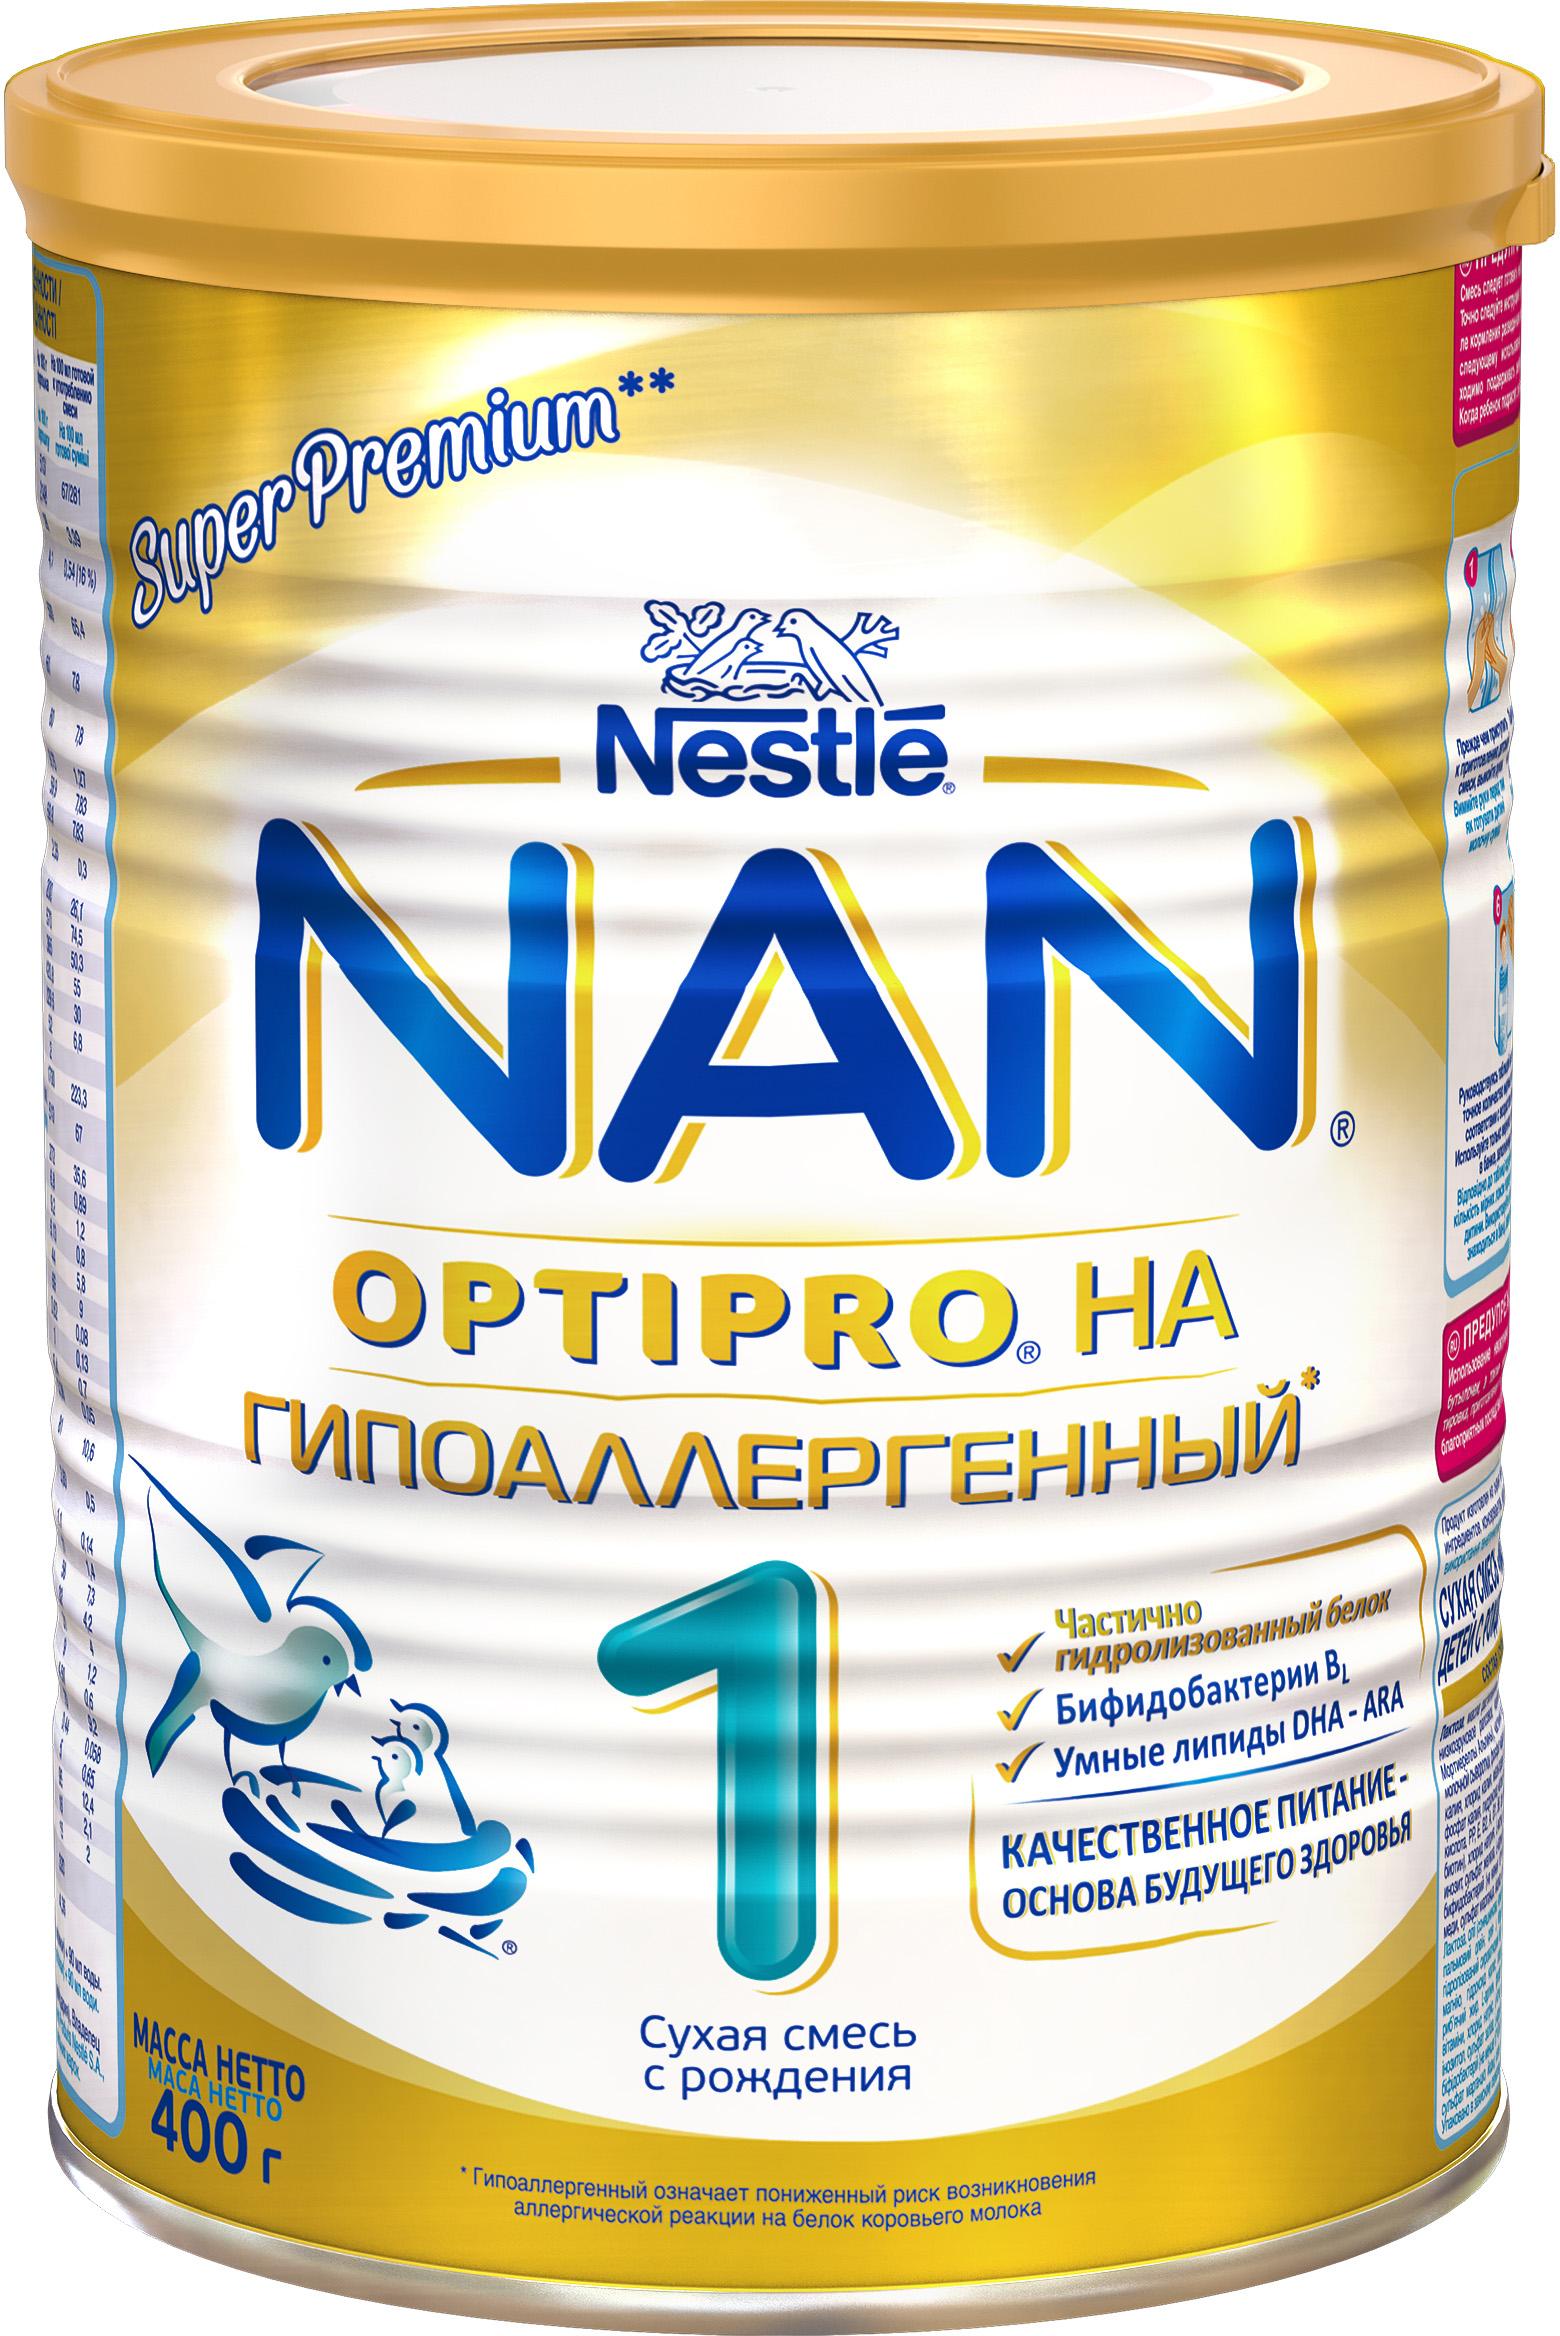 Молочные смеси NAN Смесь NAN гипоаллергенный 1 Optipro HA молочная с рождения 400 г nan 1 optipro смесь молочная с рождения 400 г